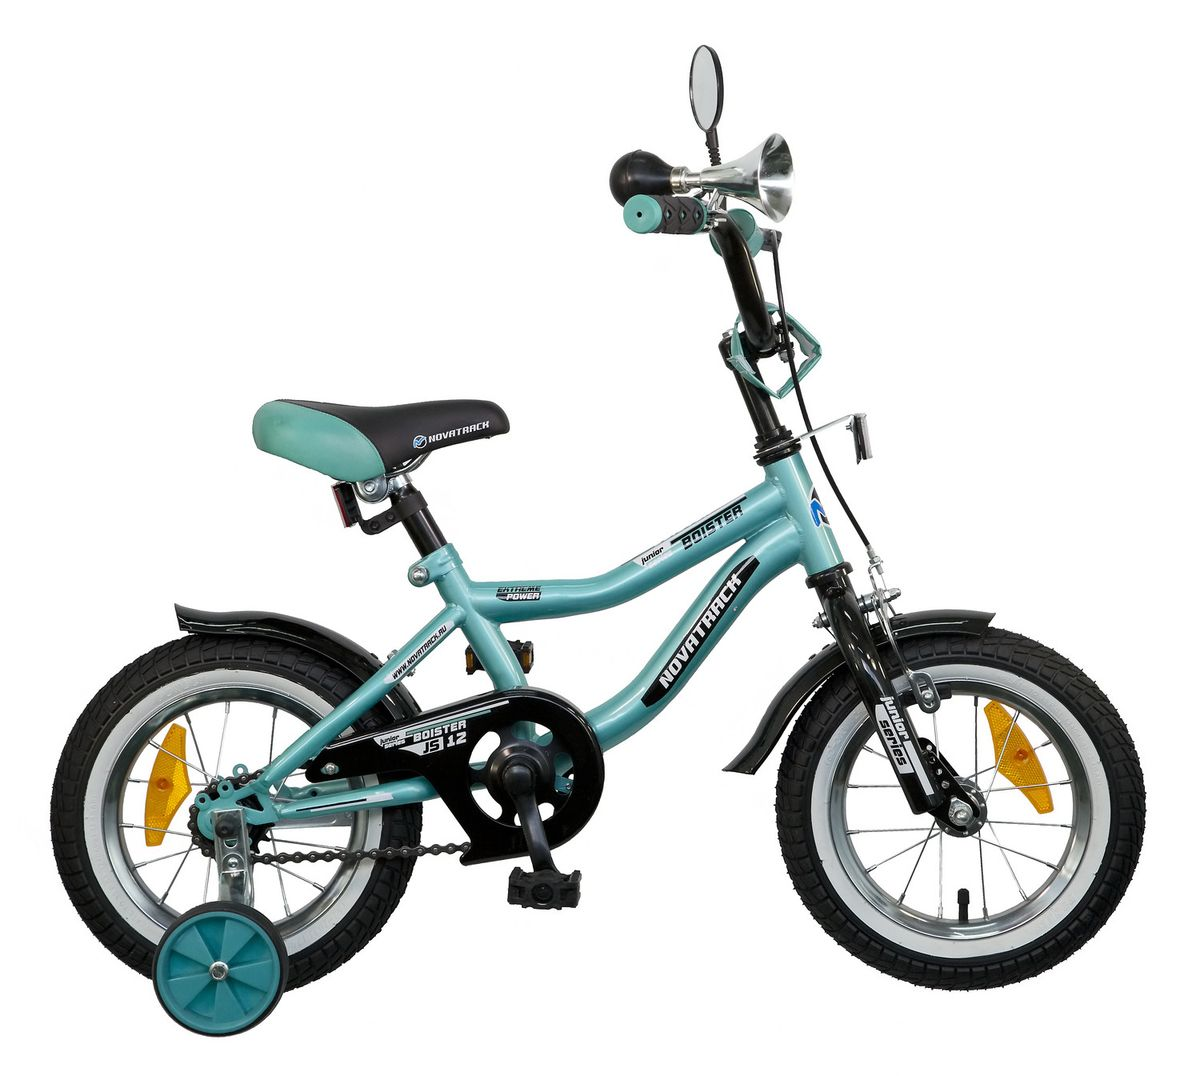 Велосипед детский Novatrack Boister, цвет: зеленый, черный, белый, 12125BOISTER.GN5Велосипед Novatrack Boister – это настоящий хит среди мальчишек 2-4 лет. Во-первых, сиденье и руль регулируются по высоте, благодаря чему железный конь достаточно долго будет соответствовать росту своего седока. Во-вторых, на руле имеются мягкие накладки и зеркало заднего вида. В-третьих, велосипед оснащен солидным гудком под ретро, а это уже не какой-то банальный велосипедный звонок! В-четвертых, крылья – стильные, укороченные, со слегка загнутой вверх задней частью. Помимо внешних достоинств и функциональности эту модель отличает безупречная сборка, поскольку нагрузки и испытания велосипеду предстоят нешуточные. По той же причине все узлы и детали модели отличаются повышенной прочностью и надежностью. Безопасность юного велосипедиста обеспечивают сразу два вида тормозов: ручной передний и ножной задний. Ноги и одежда защищены от контакта с цепью специальной накладкой. От падения на слишком крутых виражах предохраняет пара дополнительных съемных колес. Велосипед Novatrack Boister – это отличный способ дать вашему ребенку возможность чаще бывать на свежем воздухе, много двигаясь с пользой для здоровья.